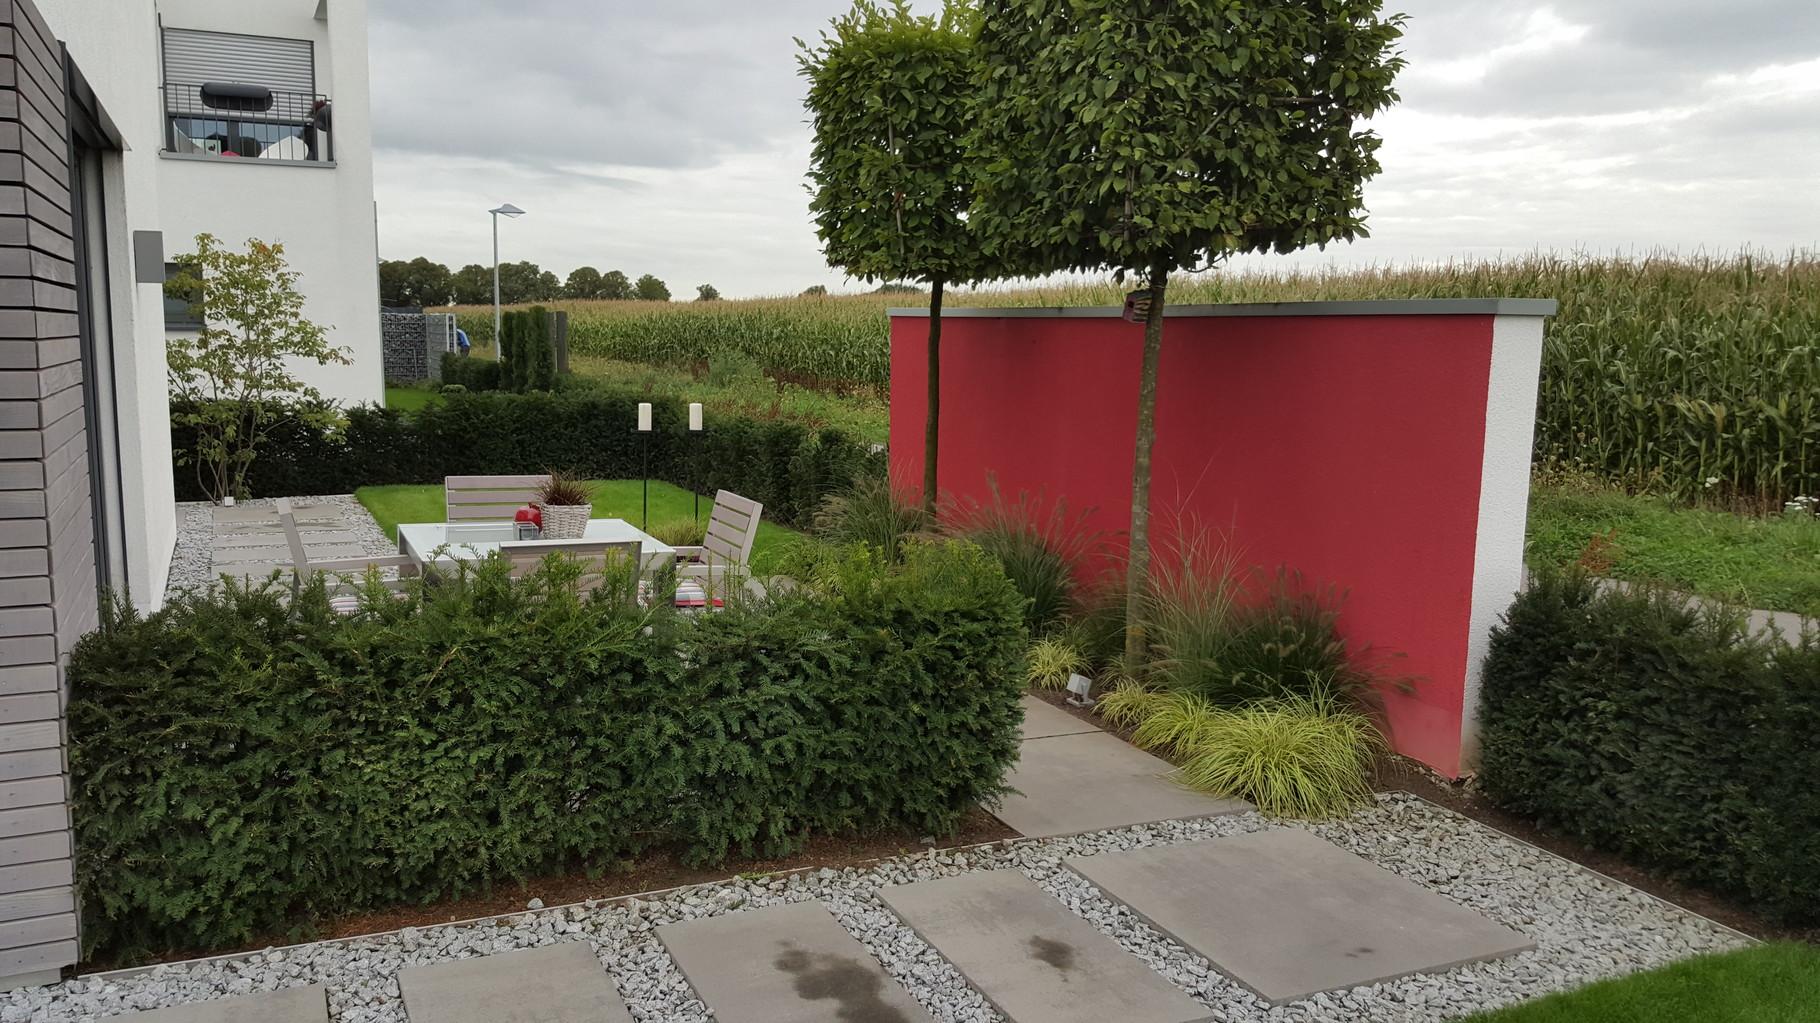 Garten ideen oliver egelwisse - Ideen zur gartengestaltung bilder ...